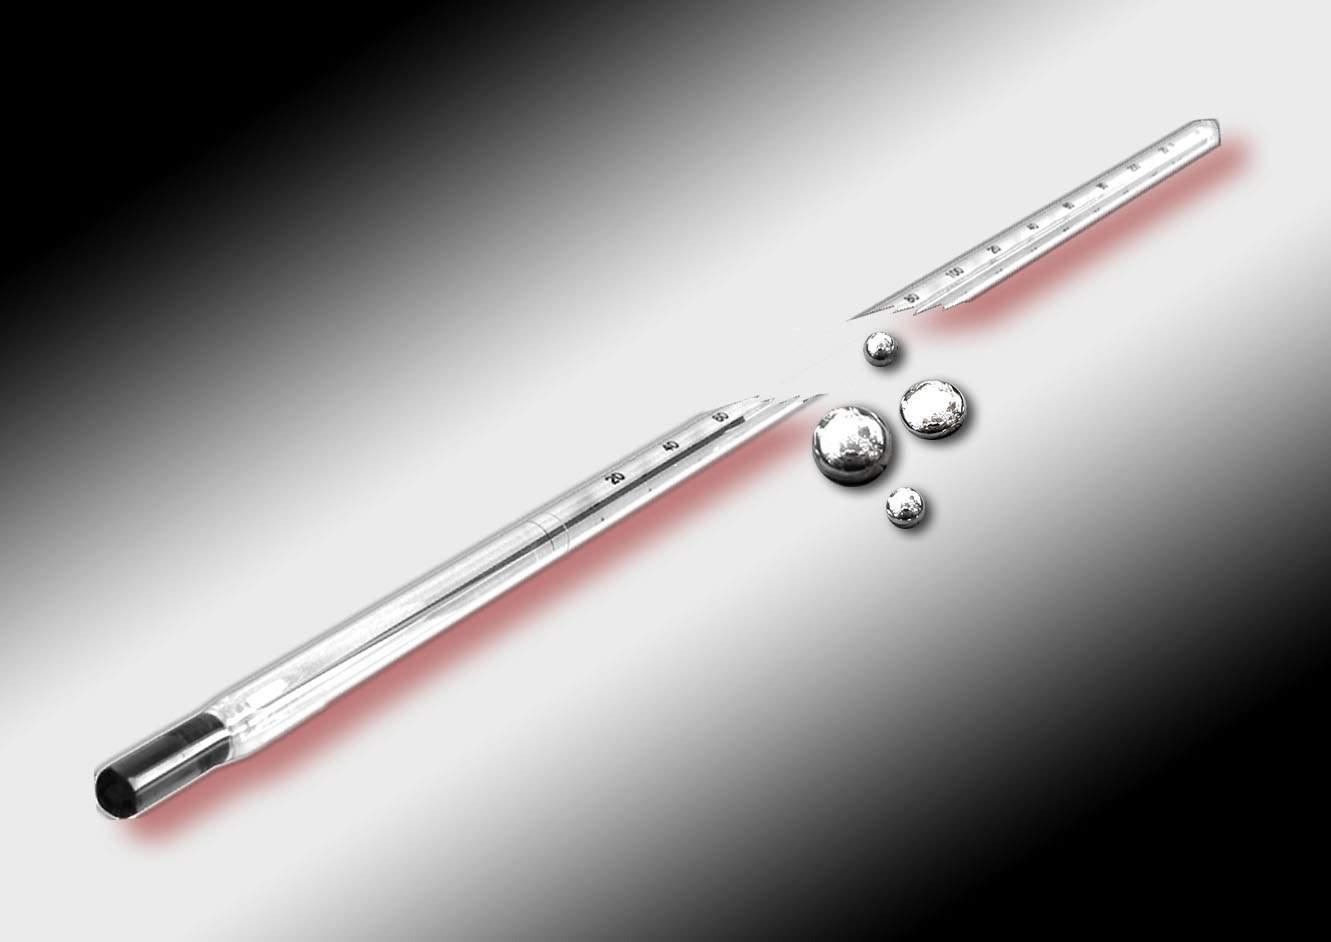 Cómo limpiar el mercurio cuando se rompe un termómetro